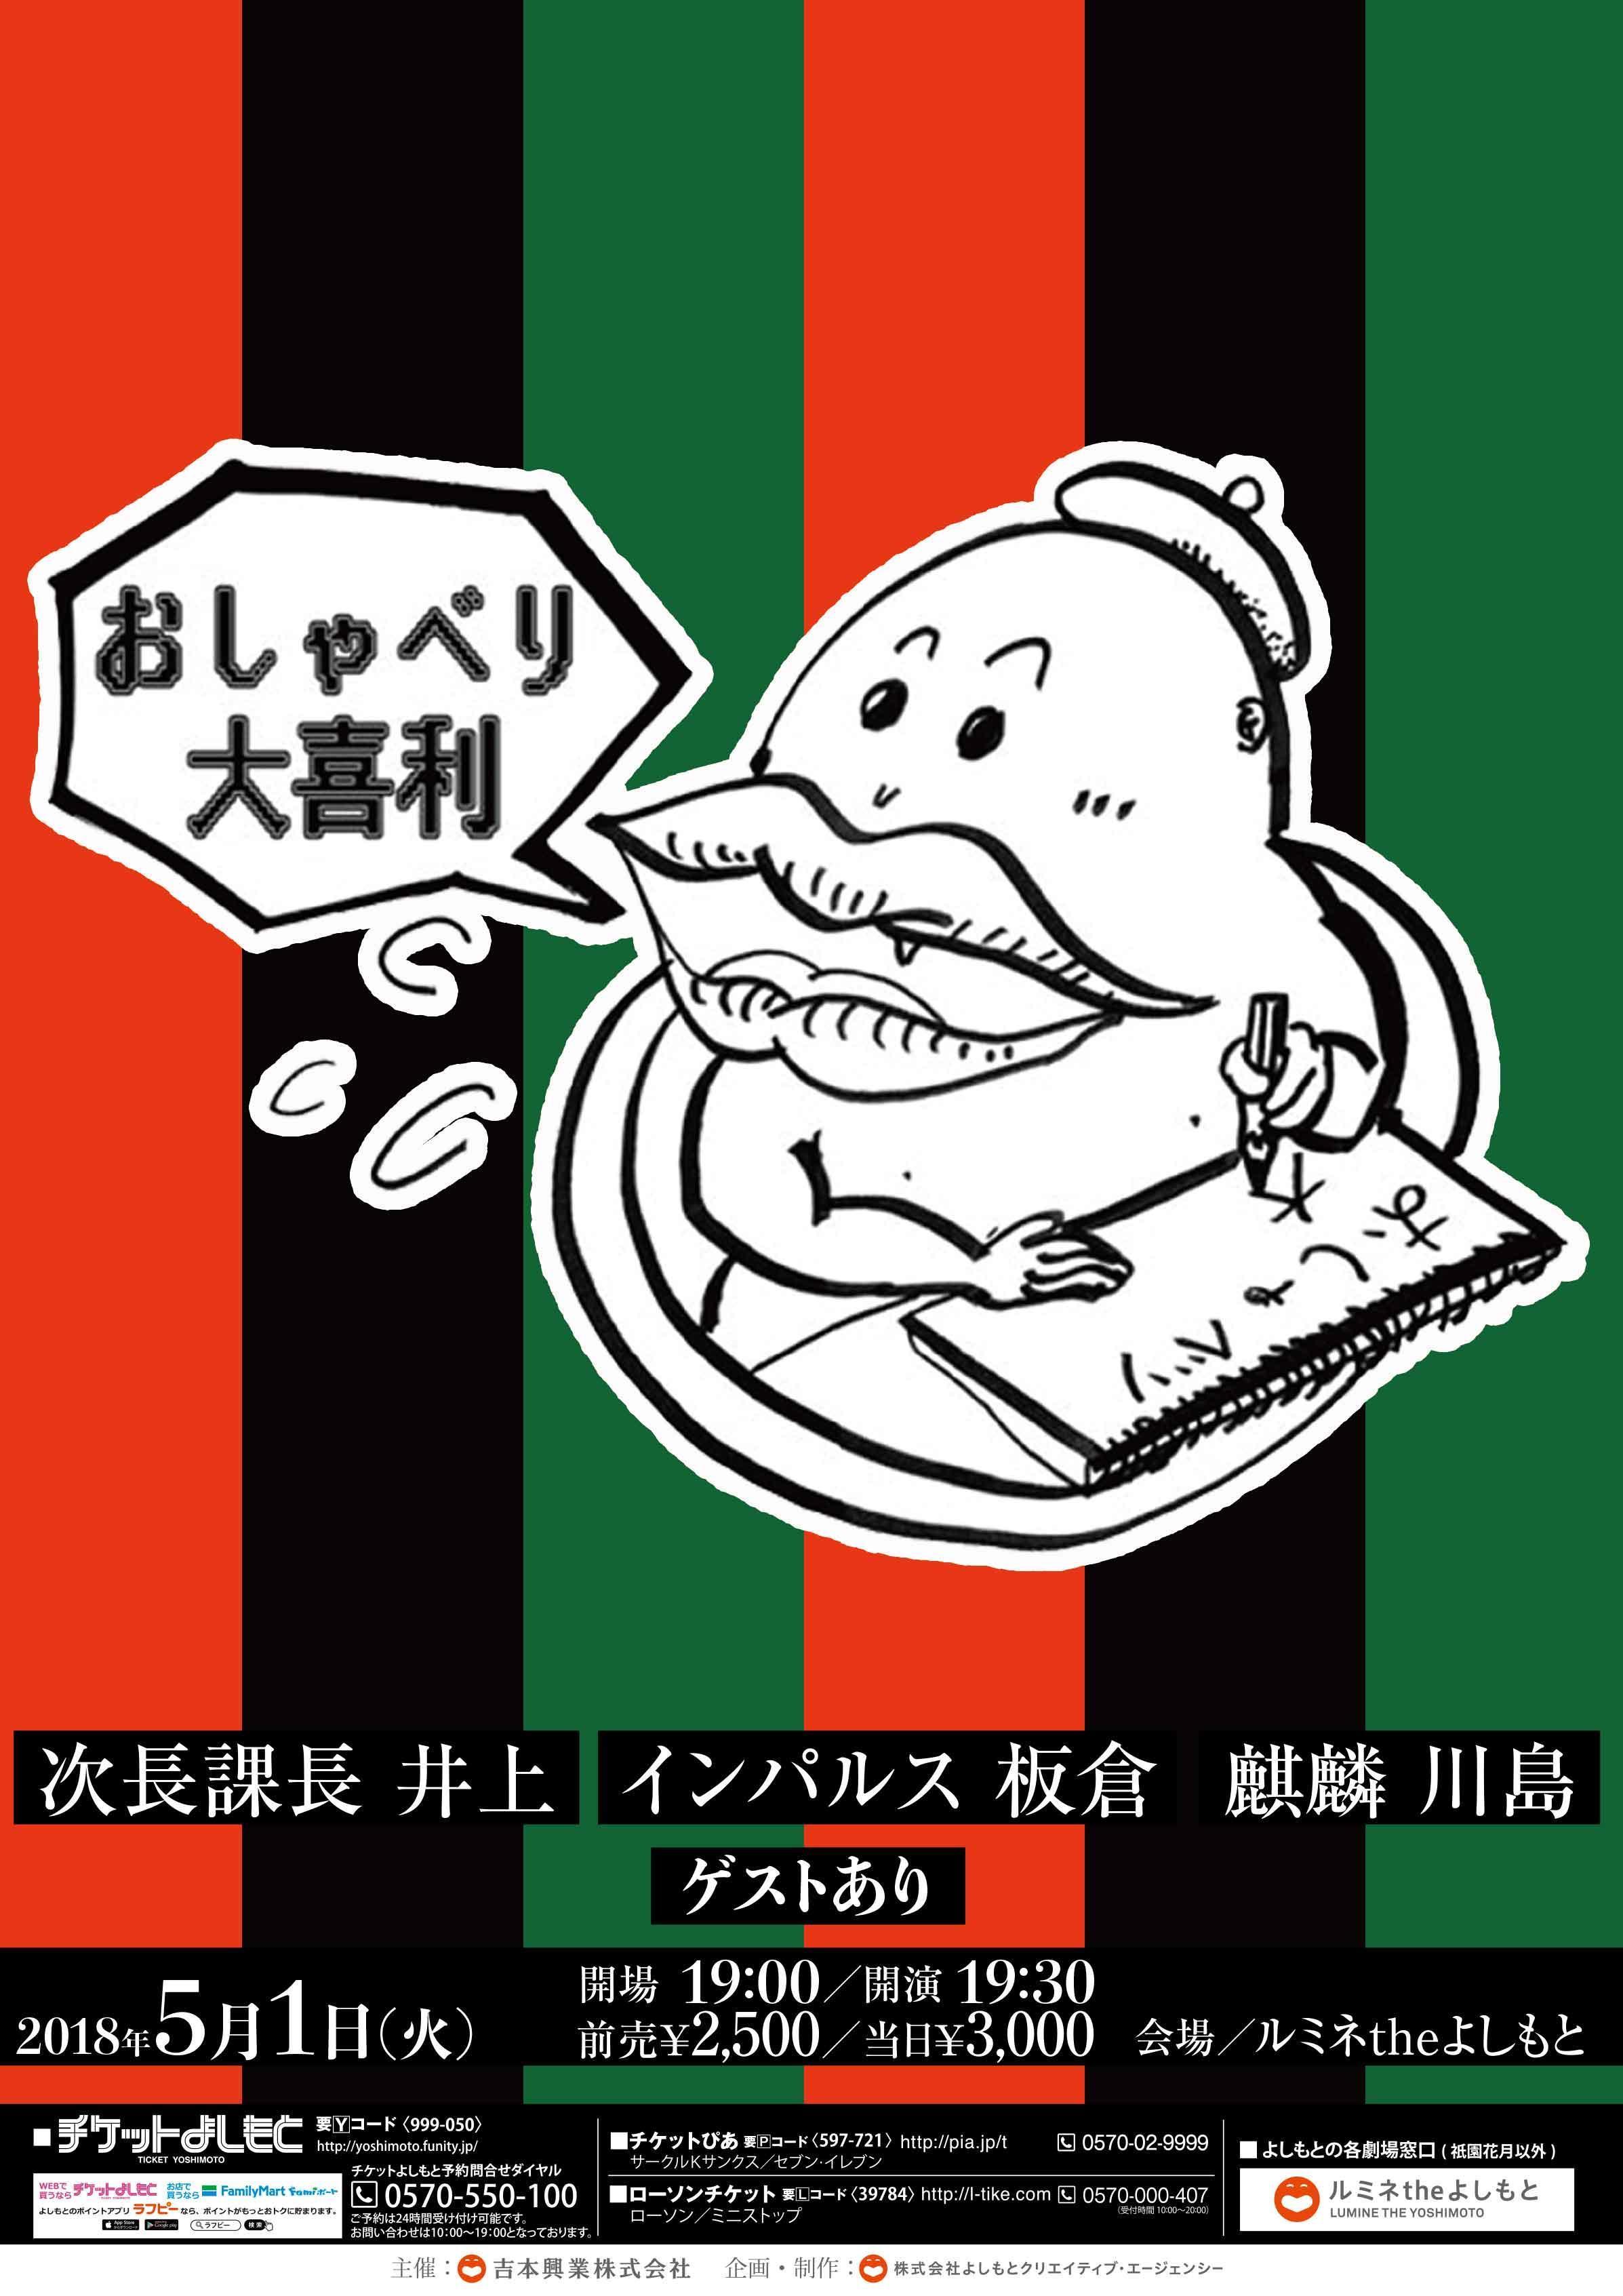 http://news.yoshimoto.co.jp/20180426155556-adabbe7b463ce57288b9ab952264139be787af0a.jpg